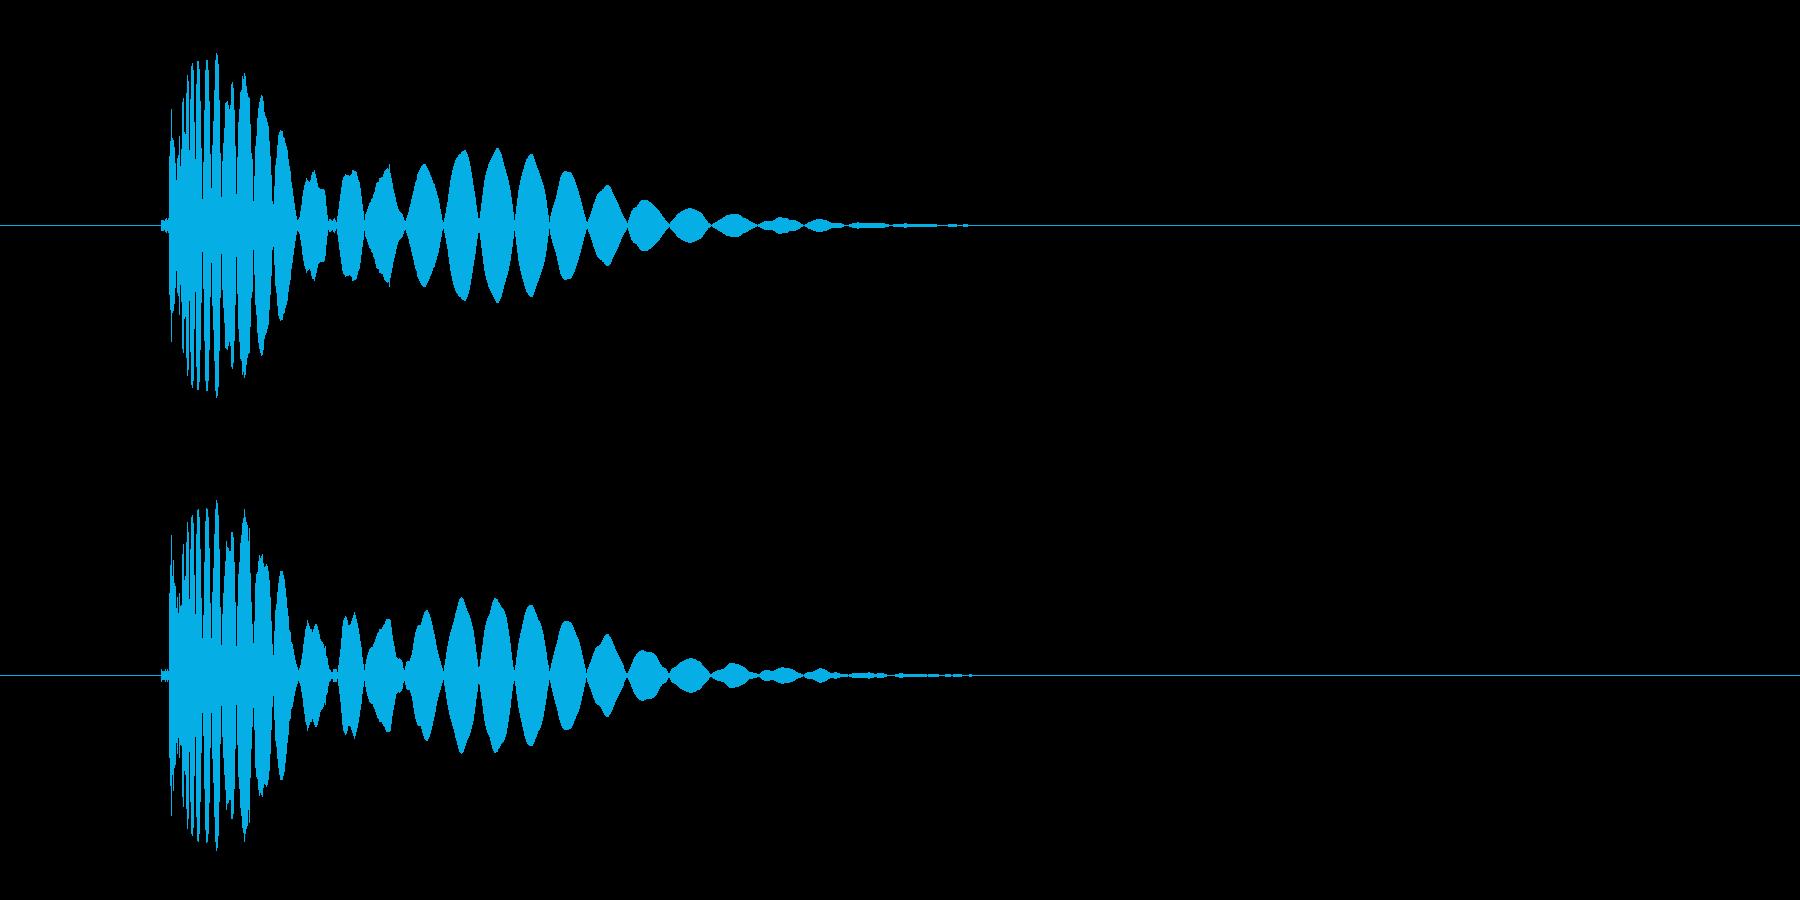 ヒット音(蹴る-4 打撃のインパクト音)の再生済みの波形